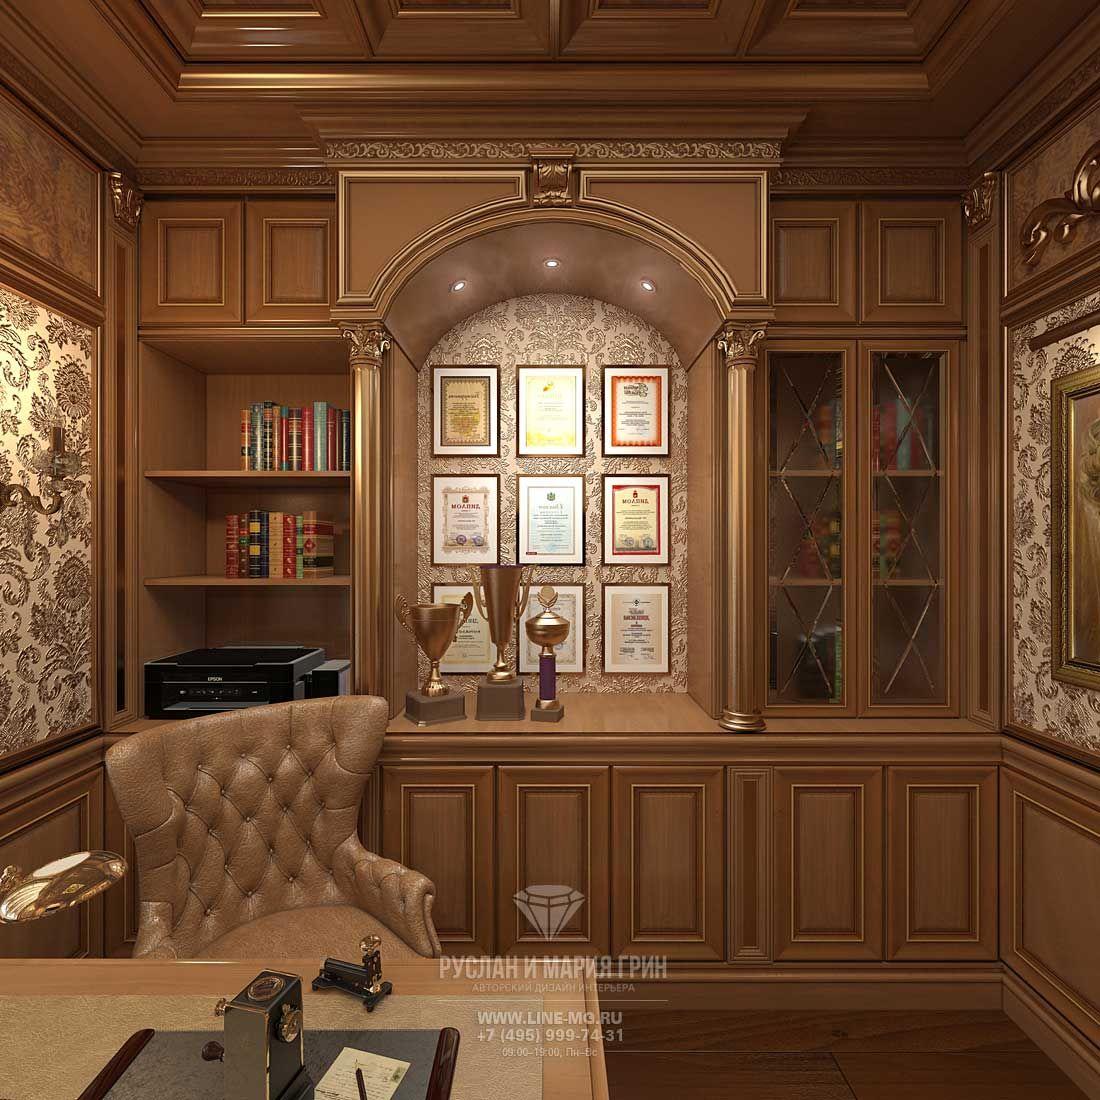 Фото кабинета в доме 2015 | Проектирование интерьеров ...